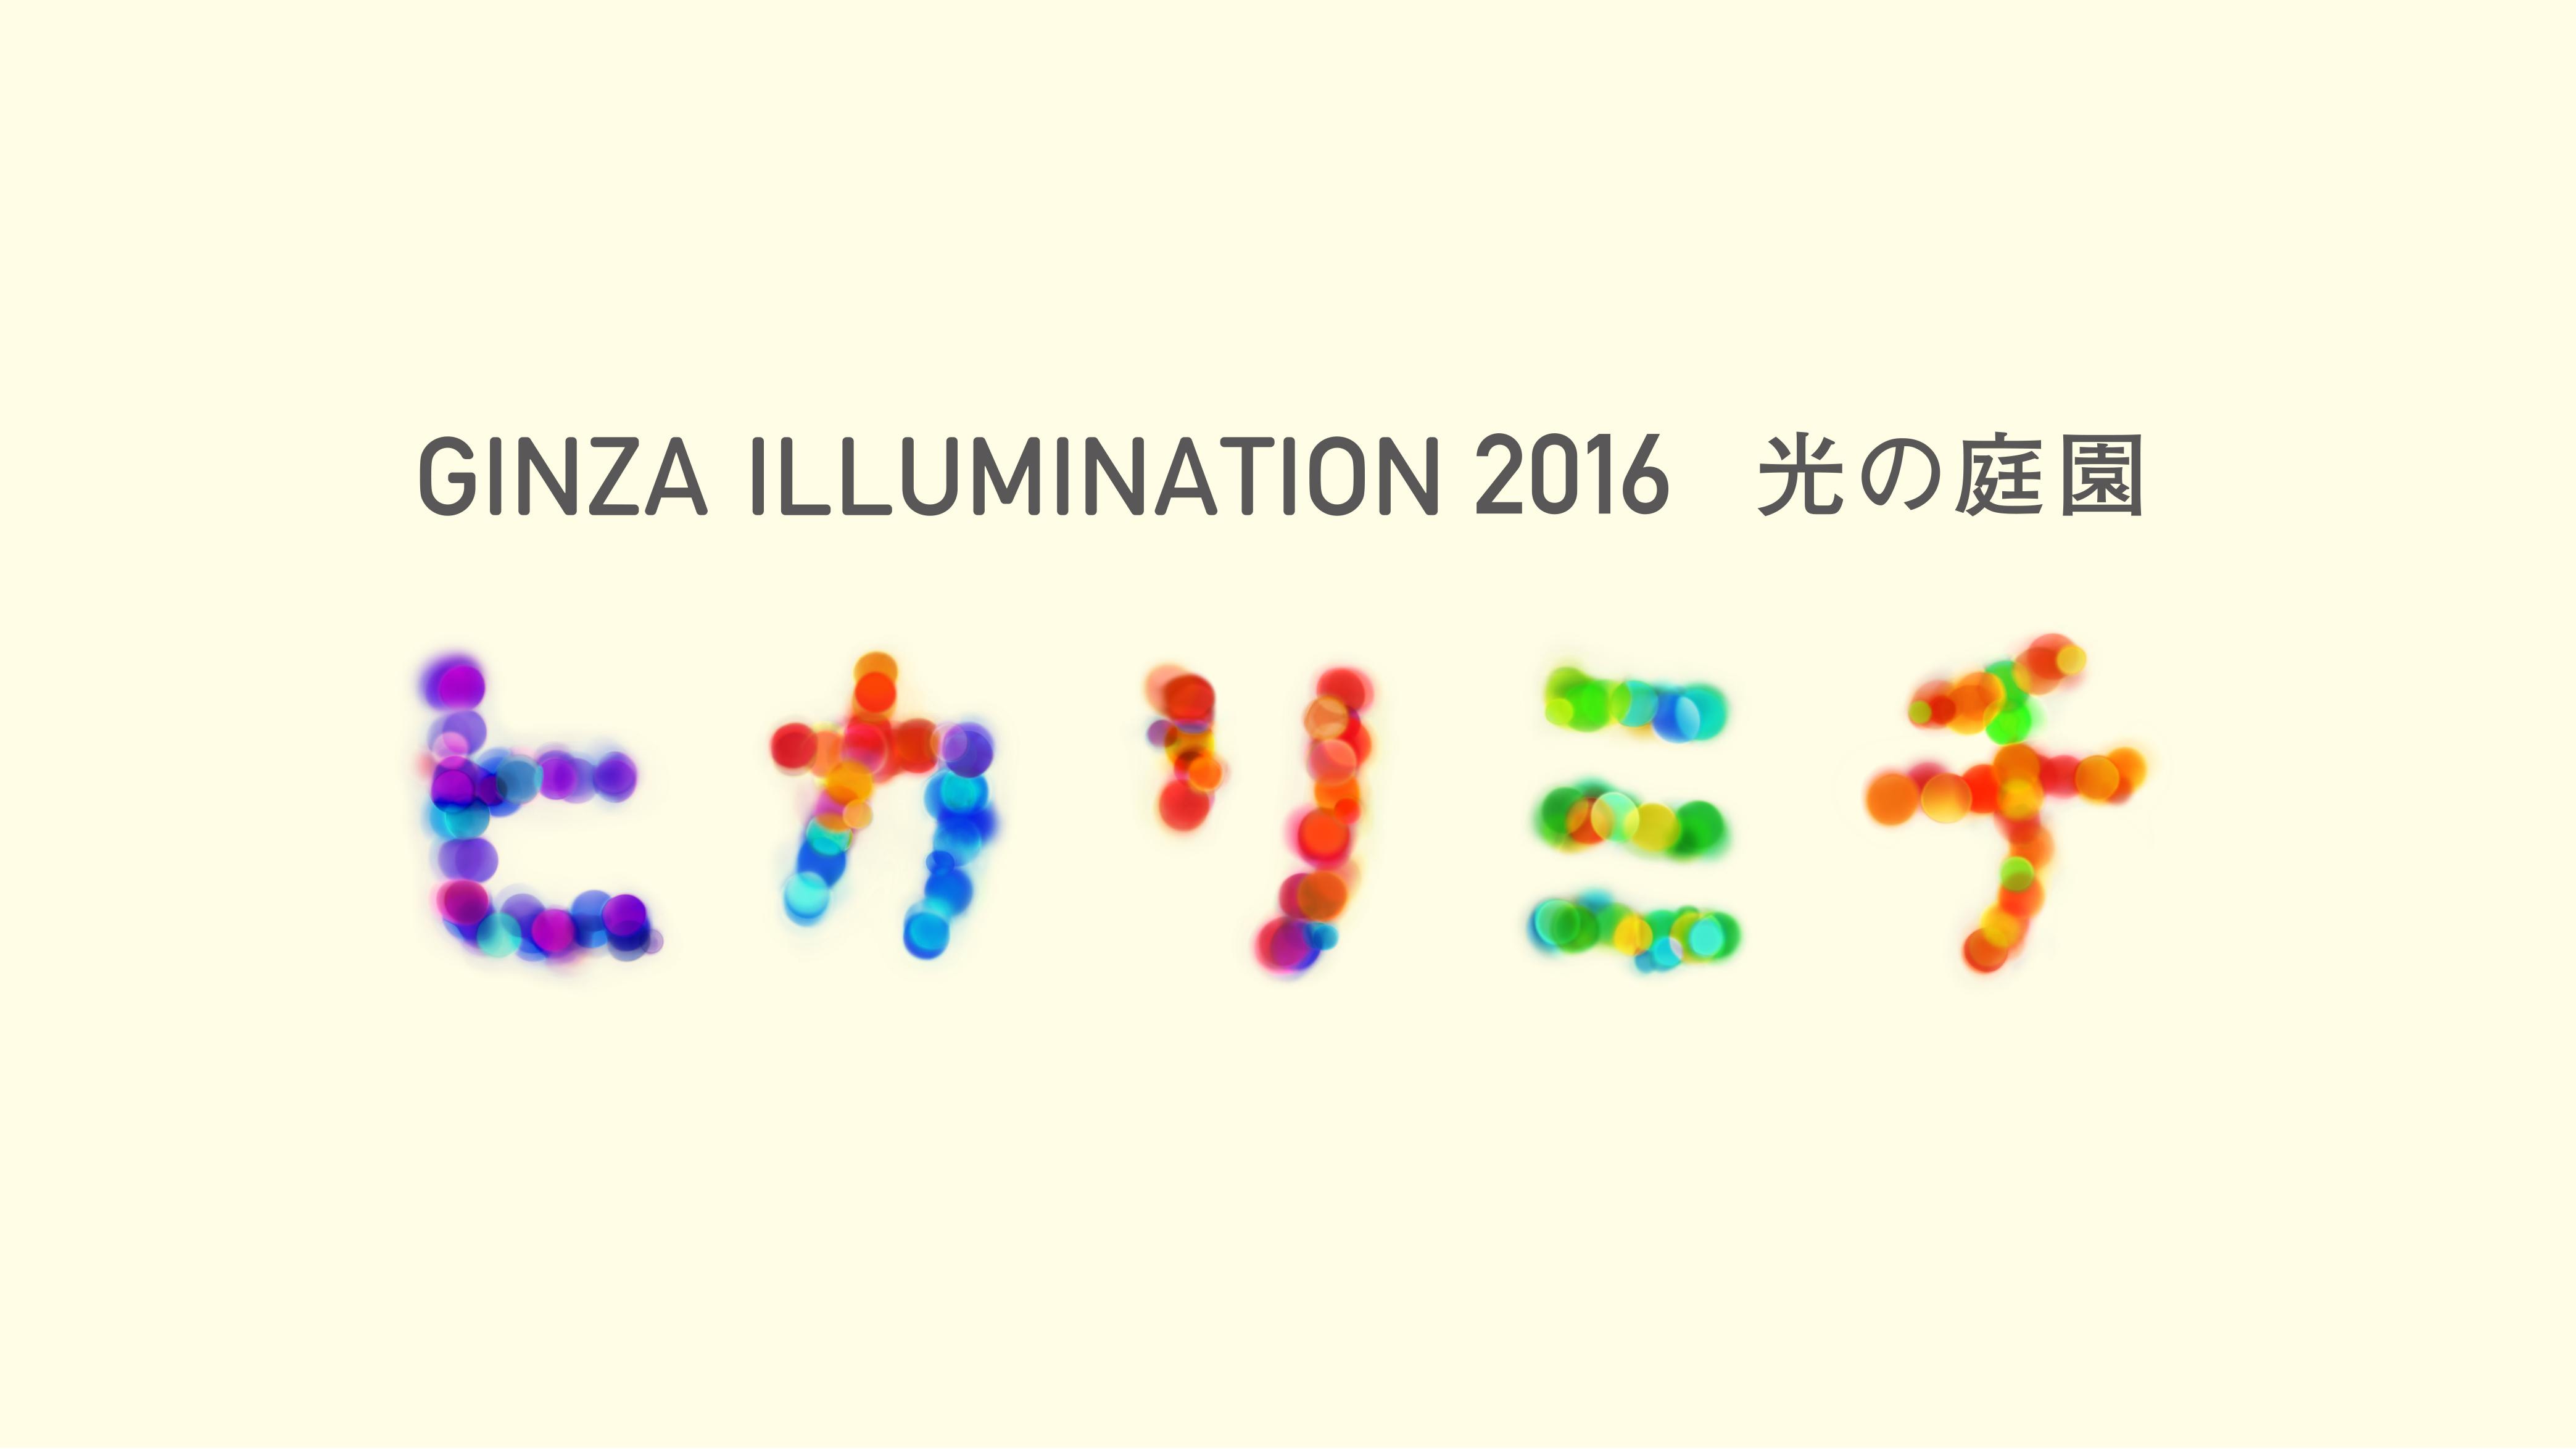 GINZA ILLUMINATION 2016